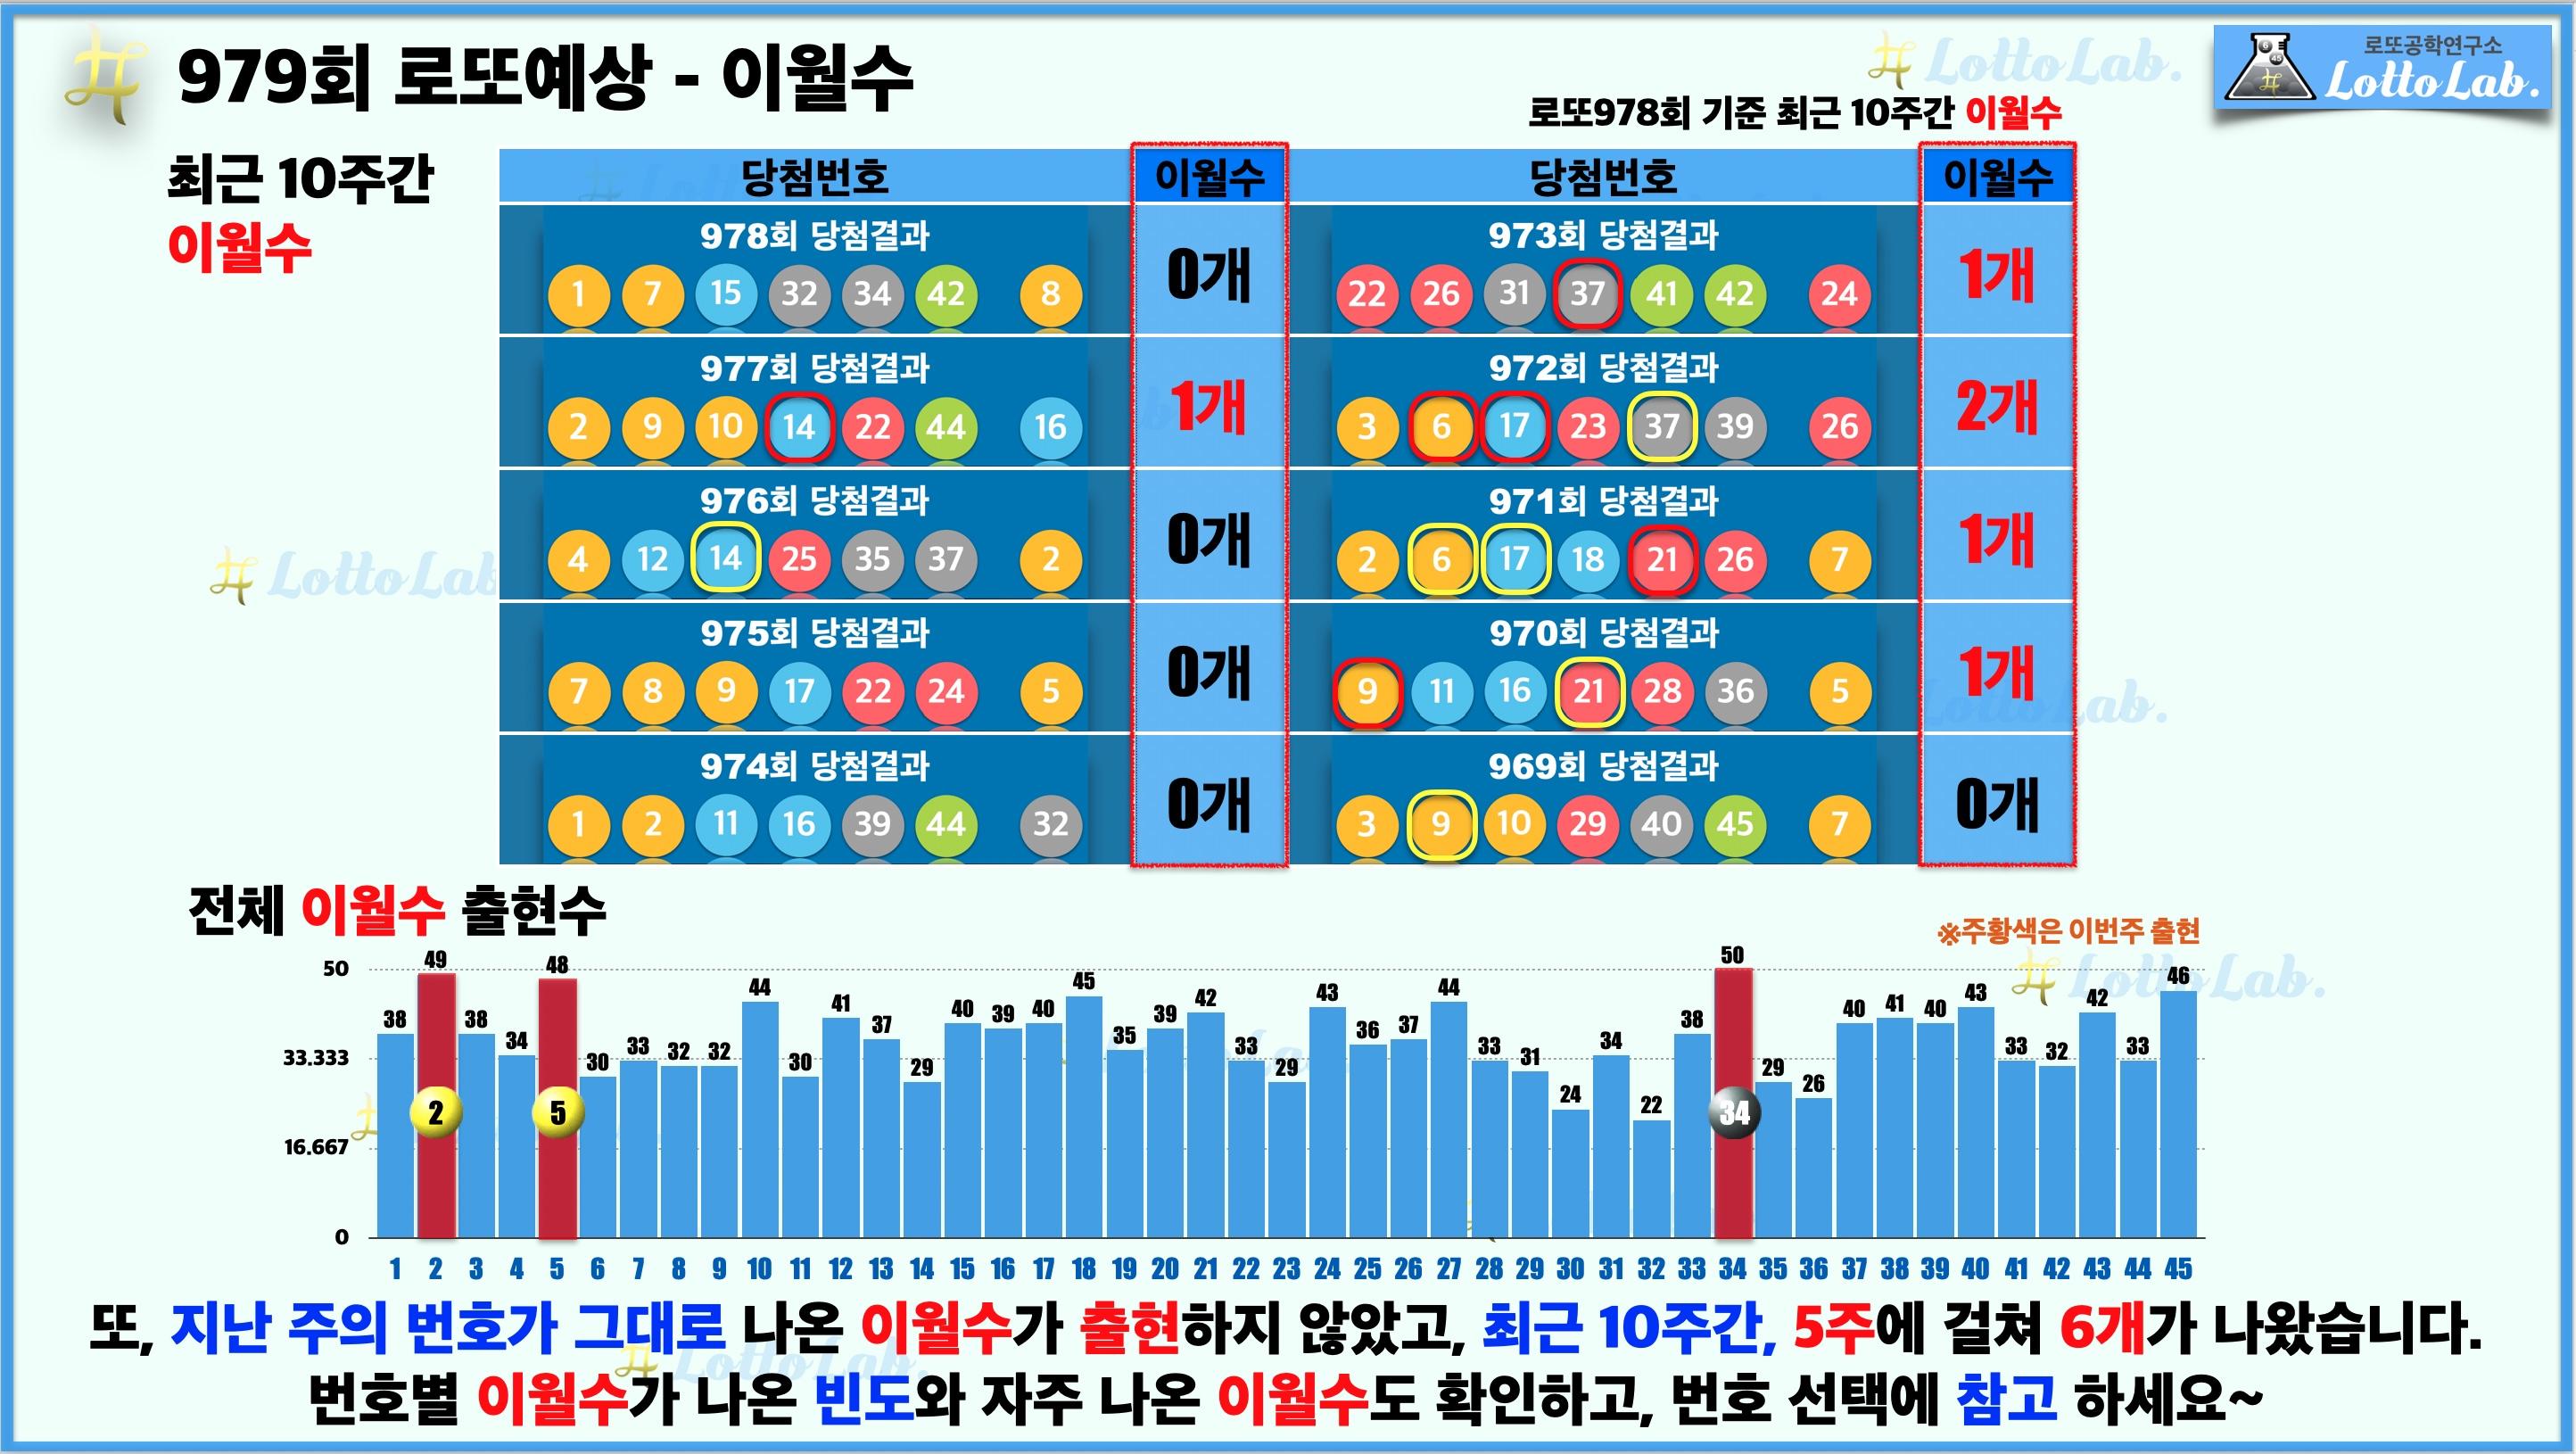 로또랩 로또979 당첨 번호 예상 - 이월수